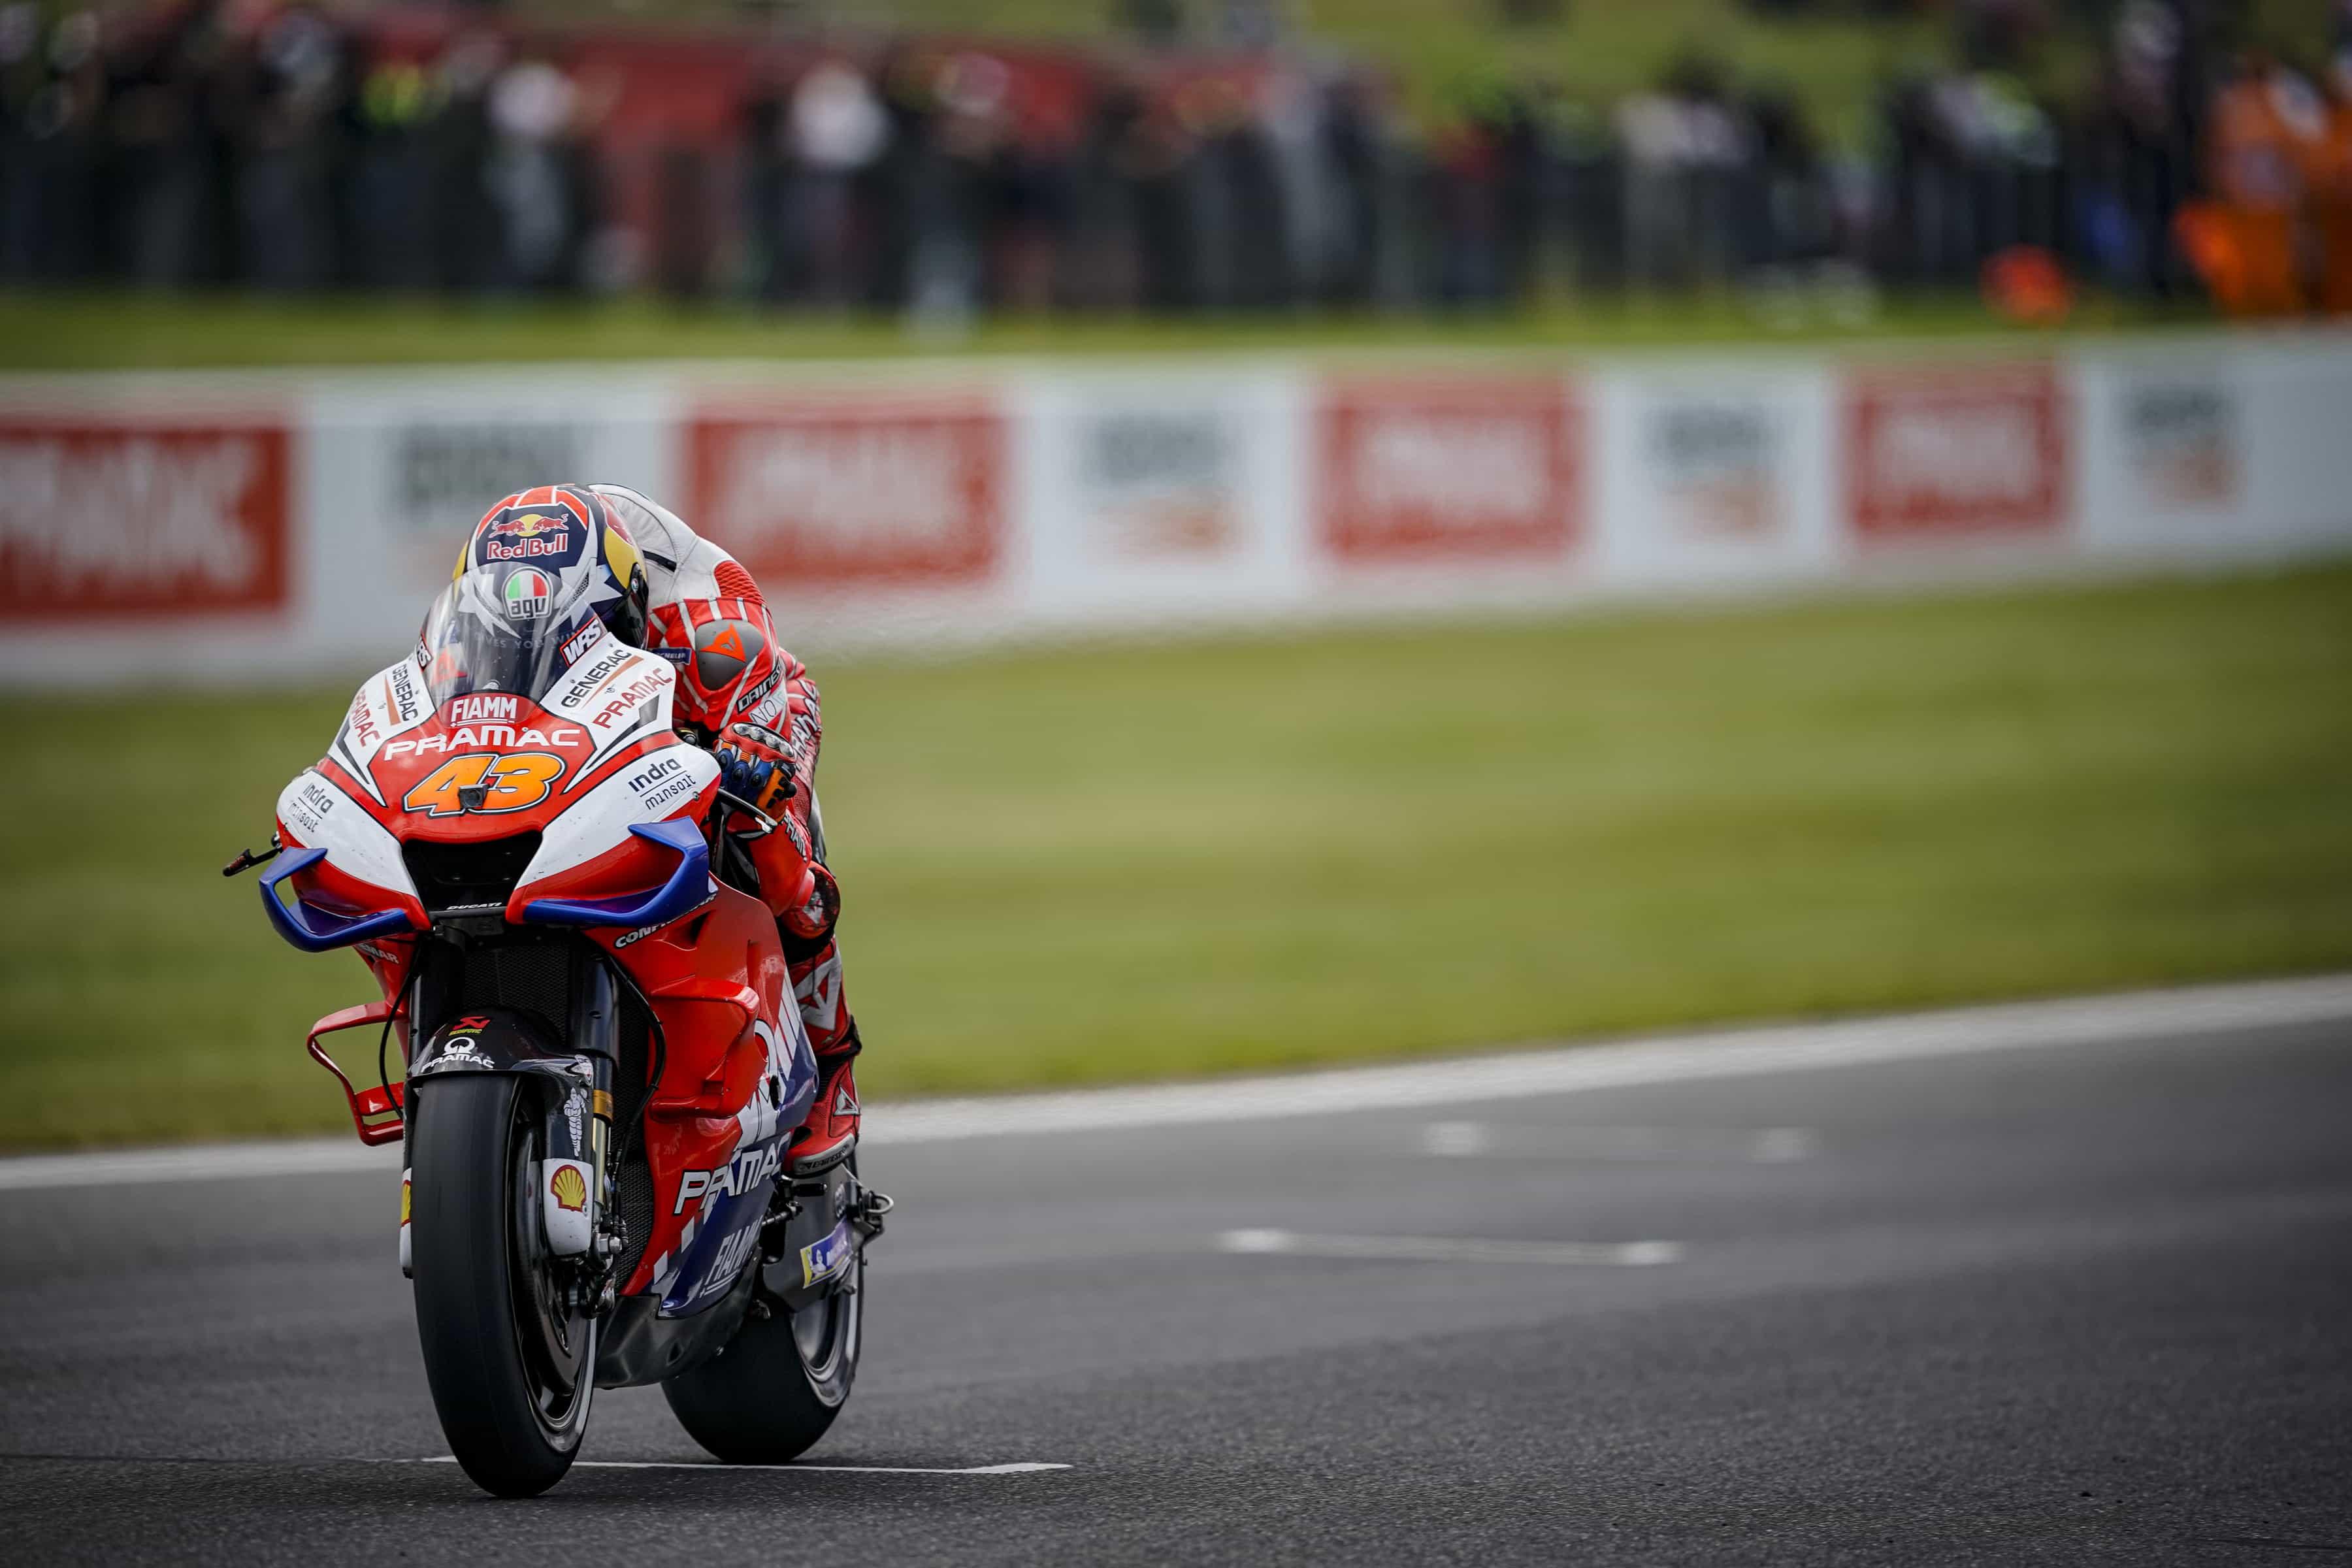 MotoGP2019オーストラリアGP FP2 5位ミラー「重要なデータを収集出来た」